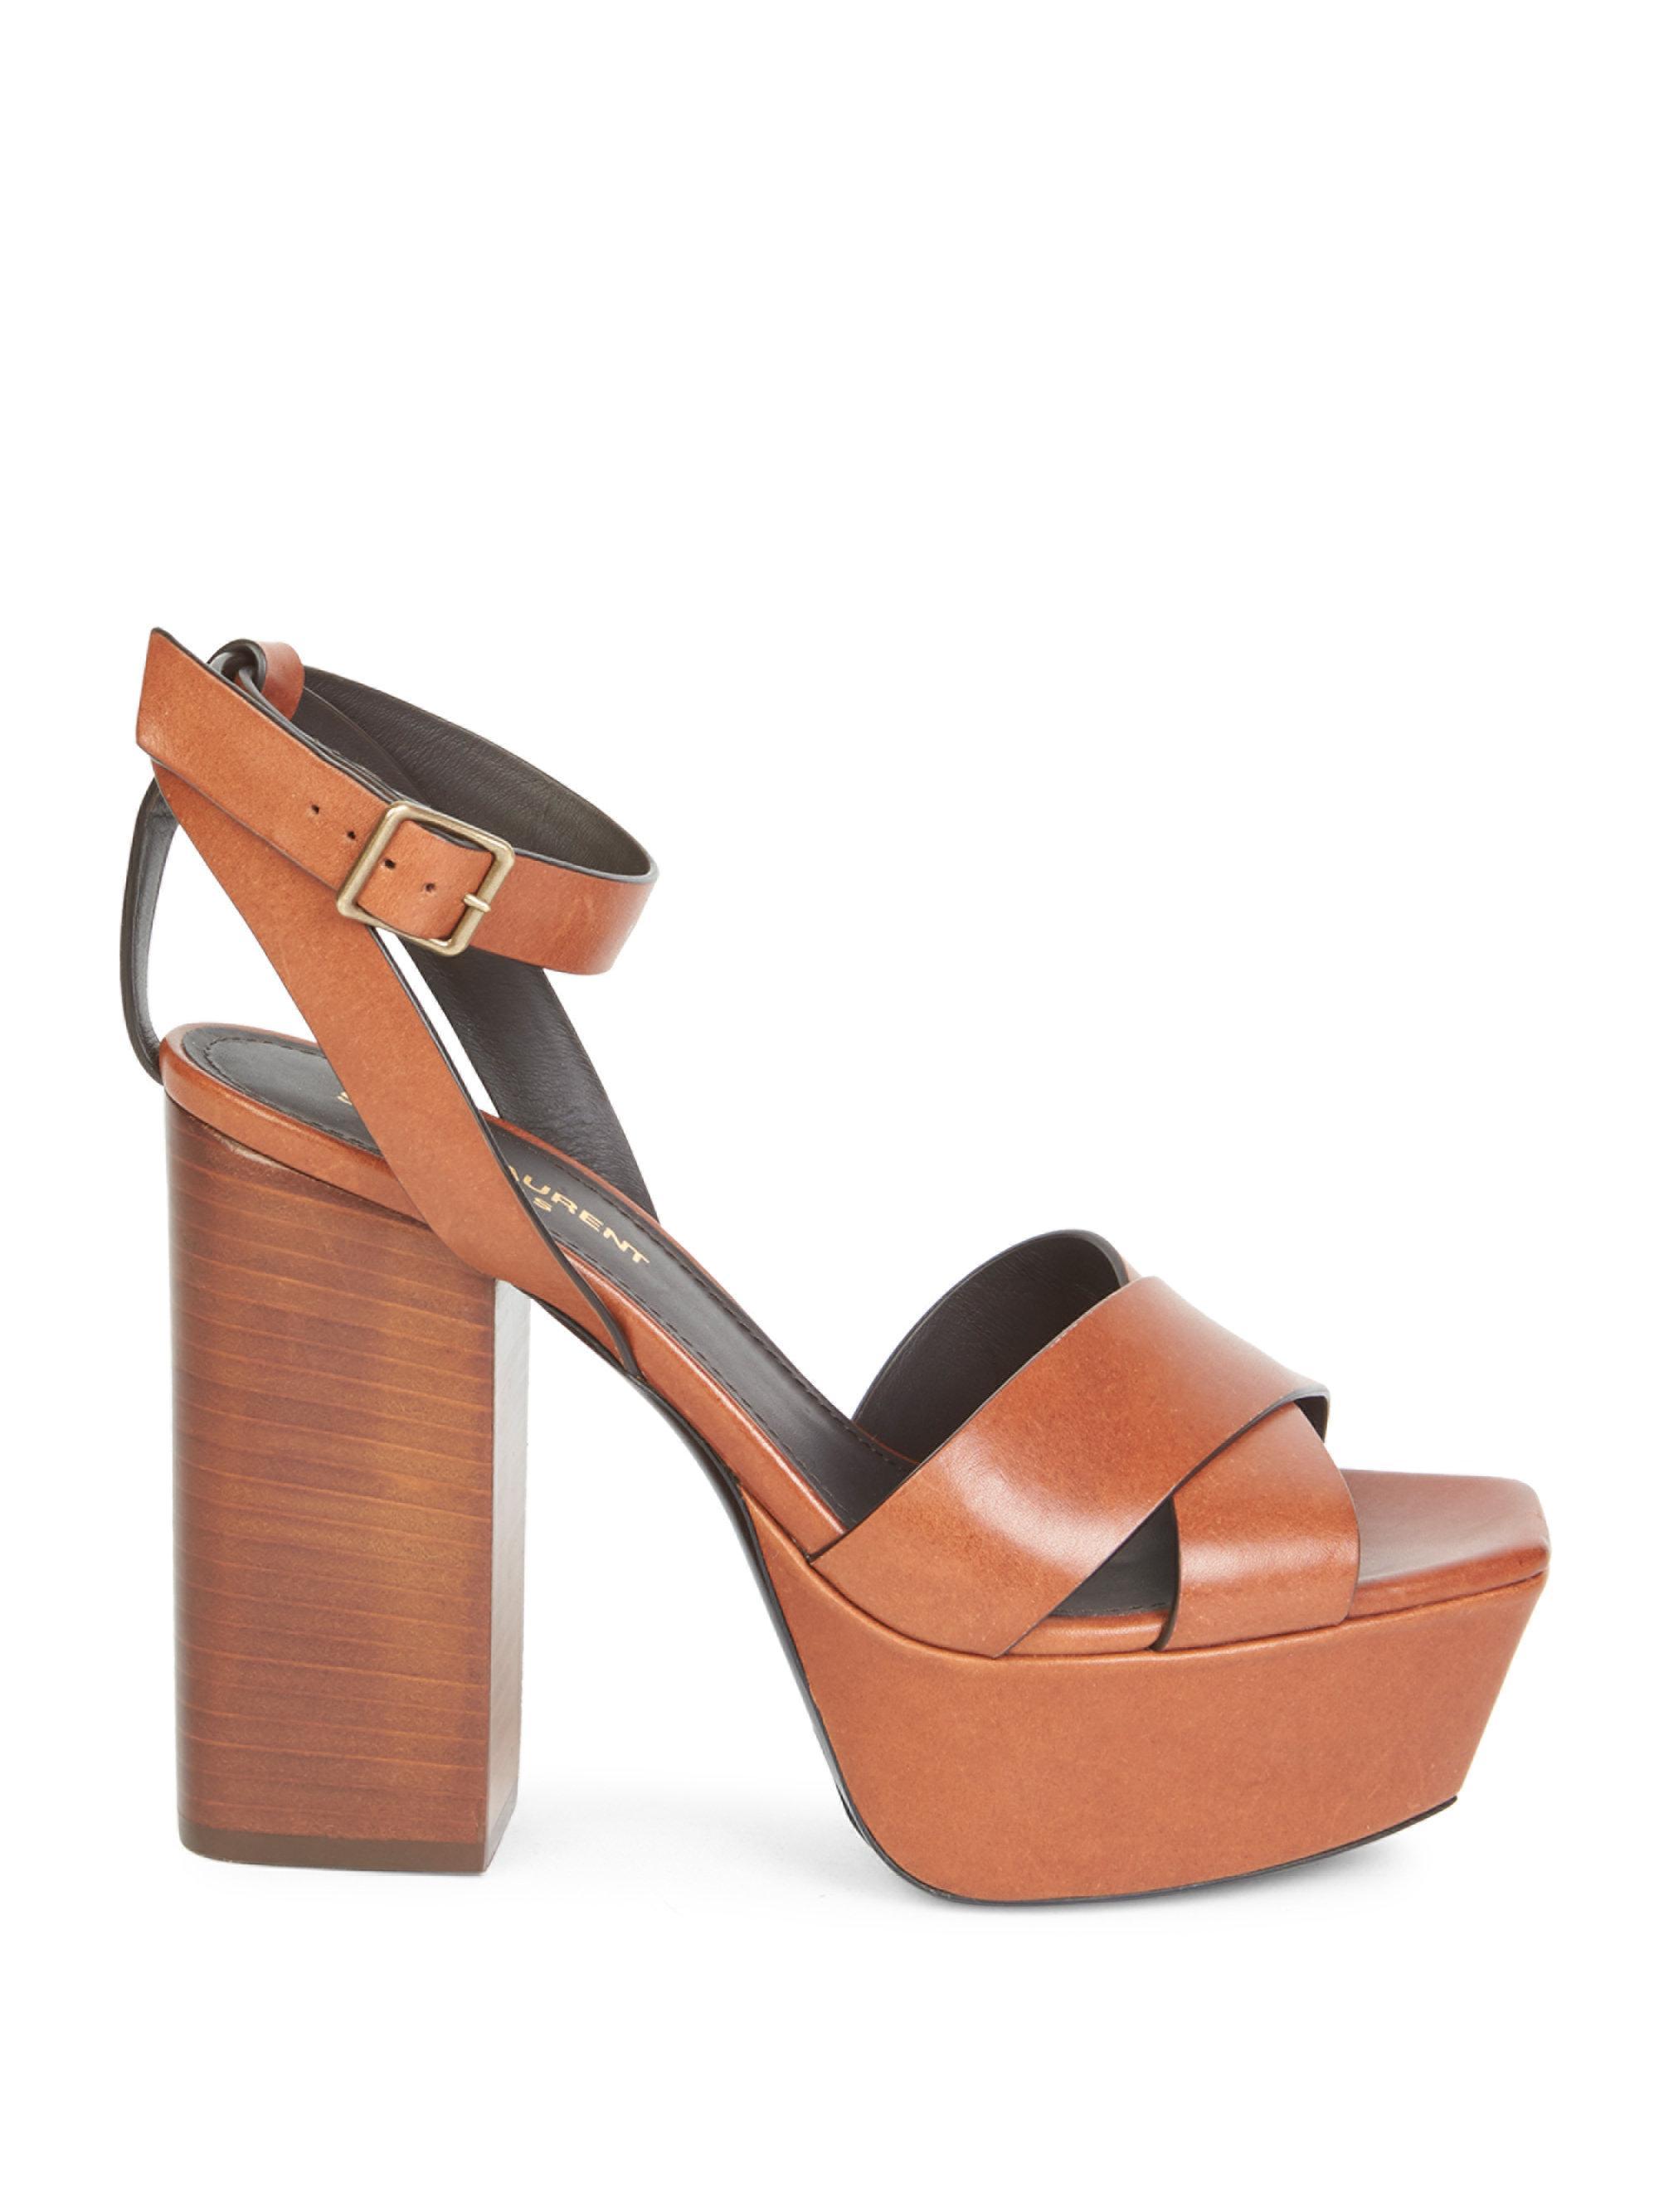 93229af8a52 saint-laurent-brown-Farrah-Ankle-strap-Leather-Platform-Sandals.jpeg